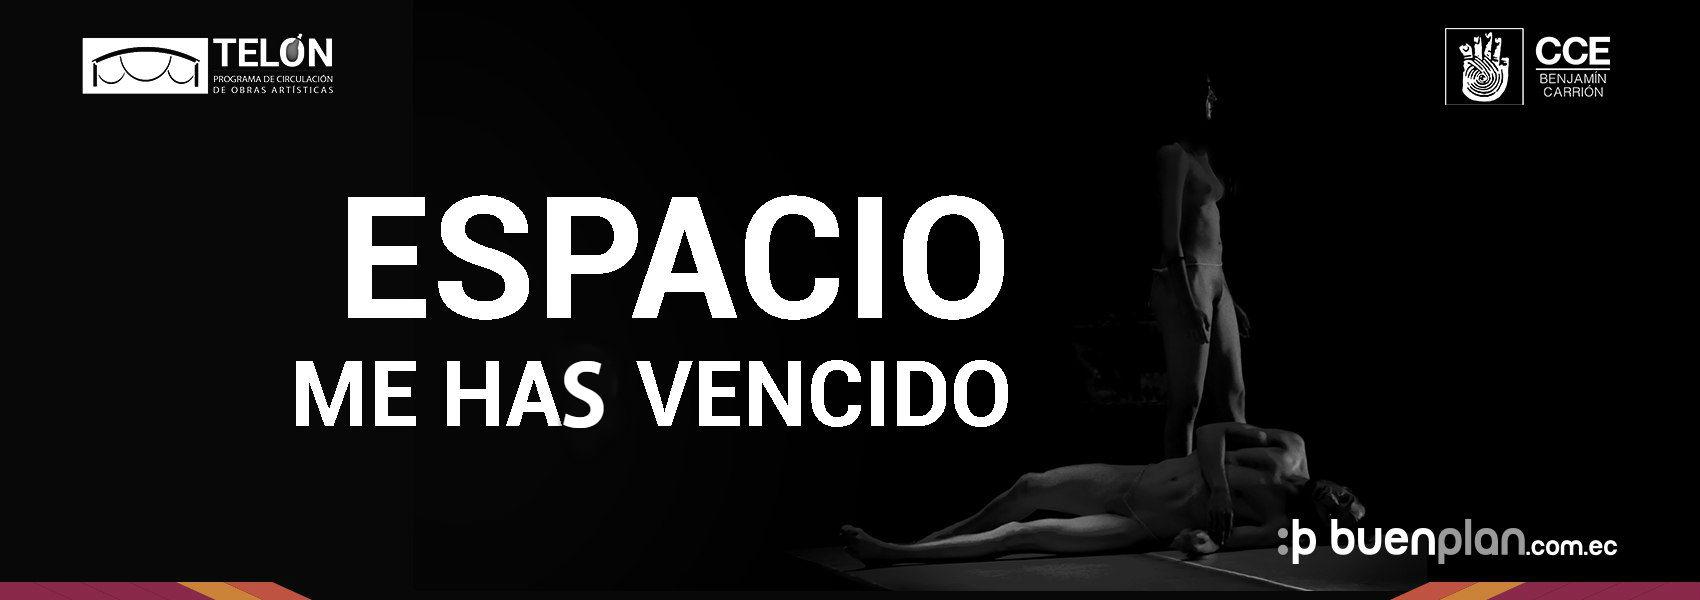 Espacio me has Vencido - 13 de Diciembre en Quito, BuenPlan